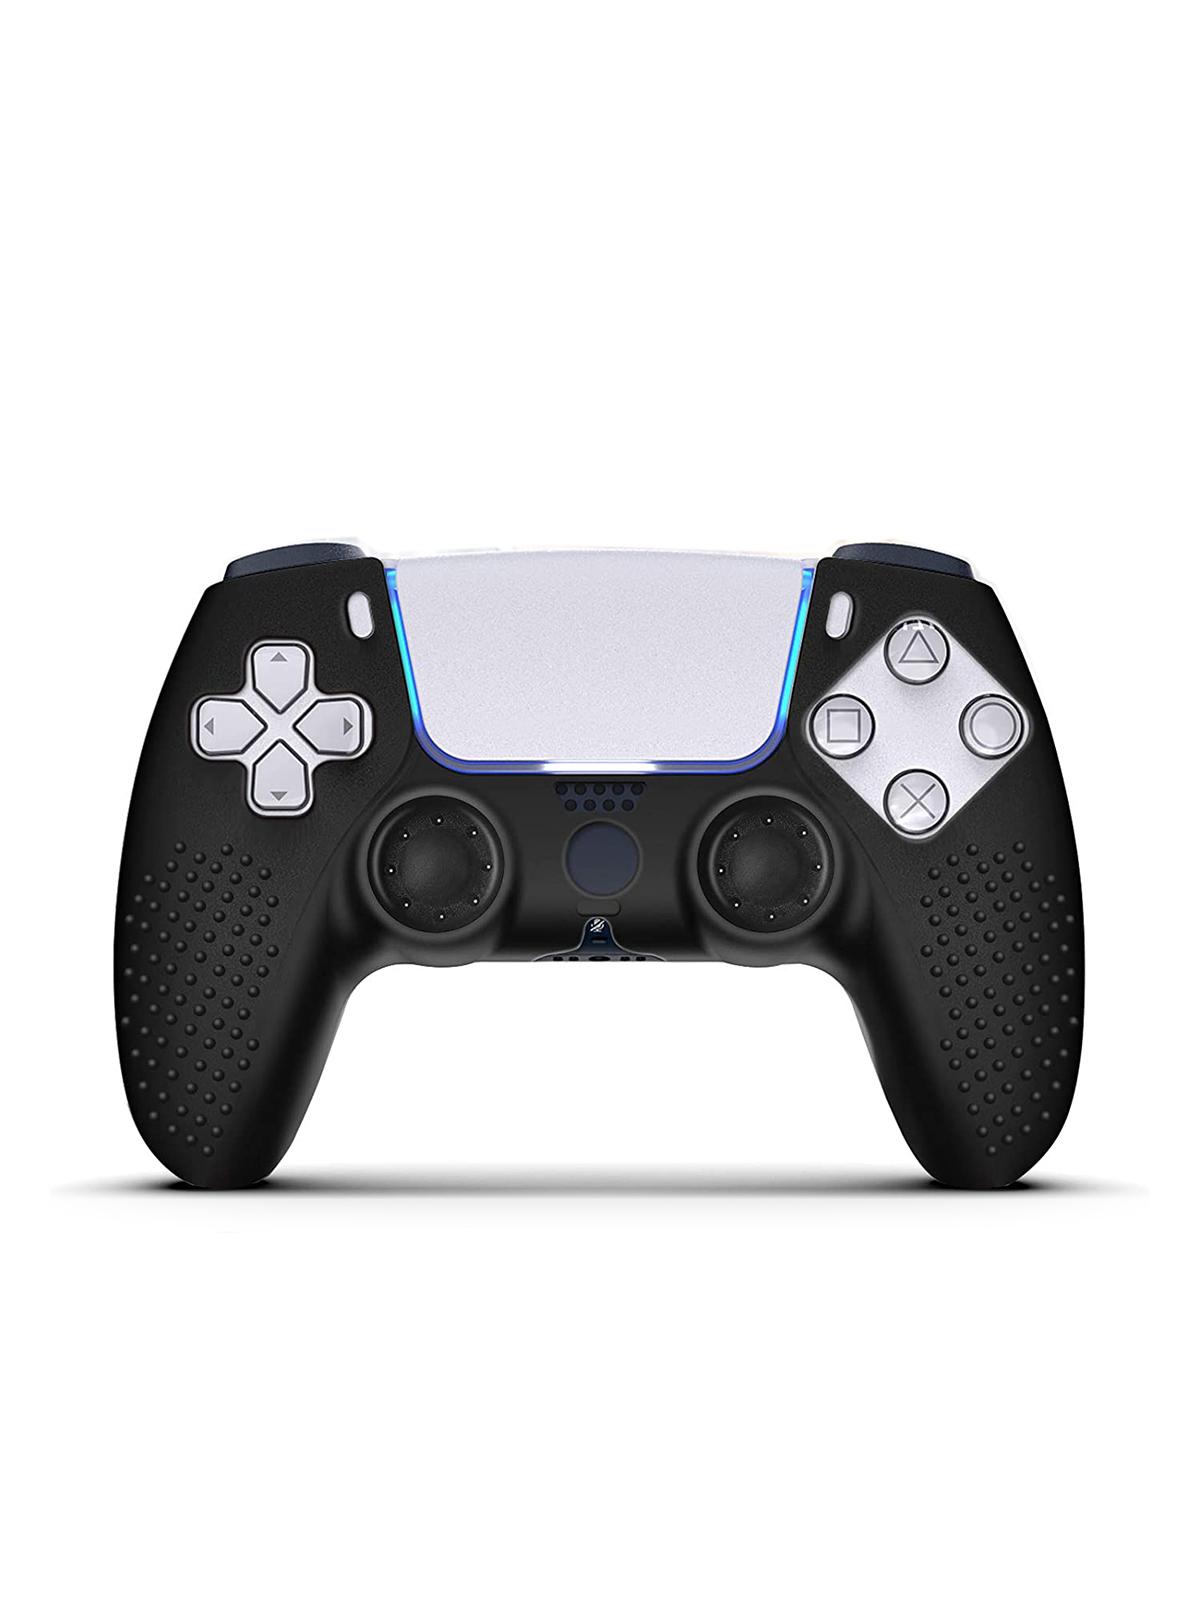 Чехол чёрного цвета для контроллера Dualsense для PS5